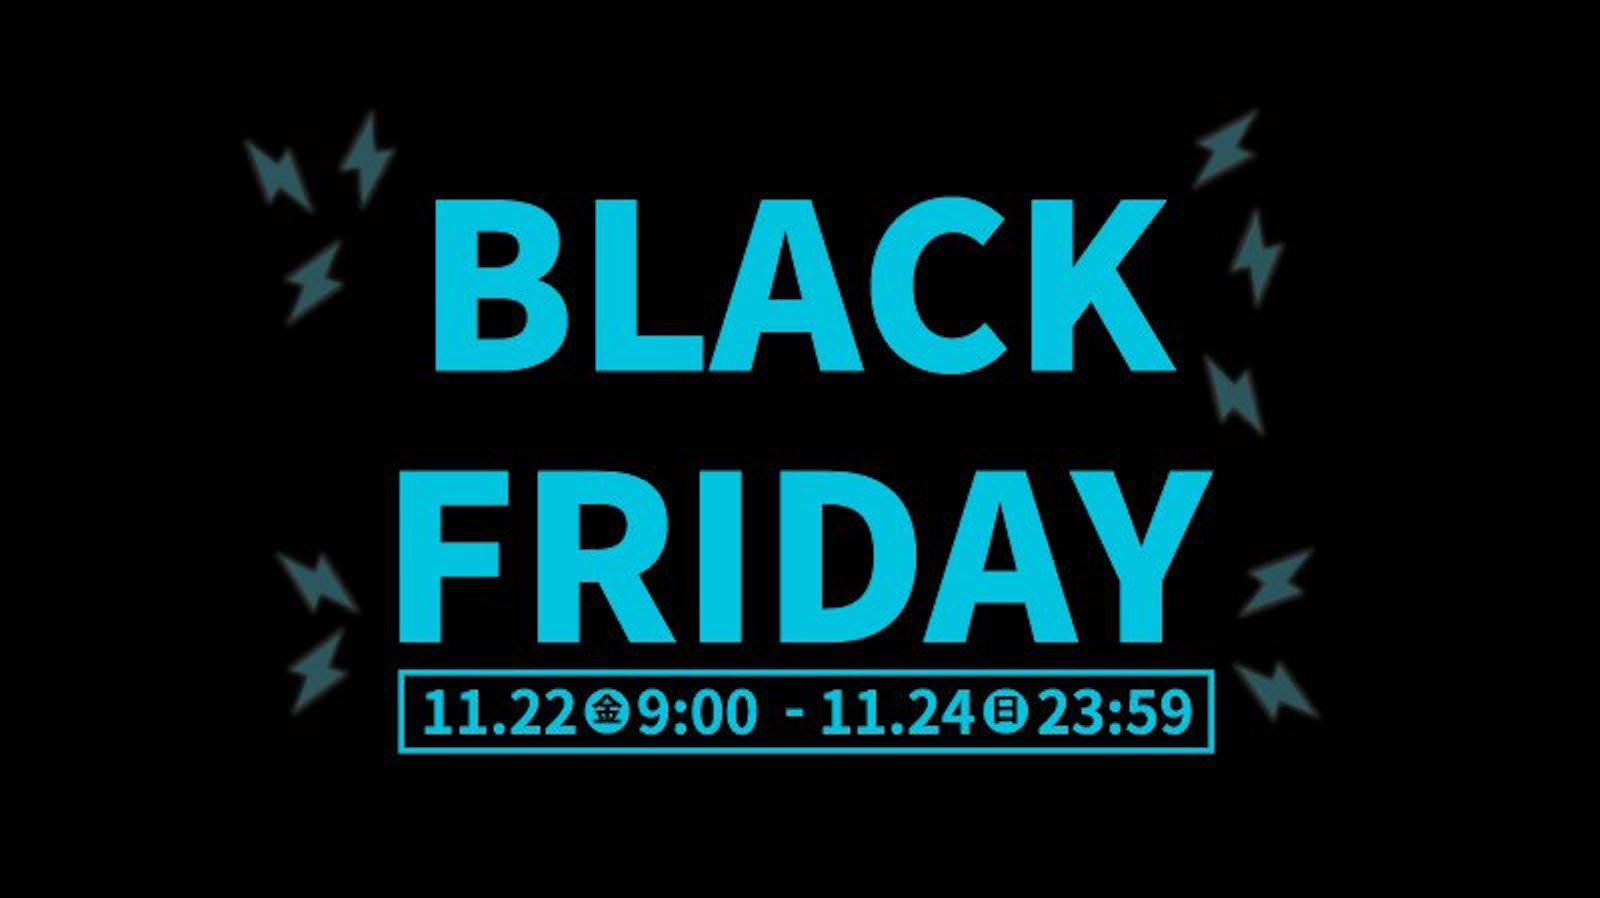 Anker Black Friday Mega Sale